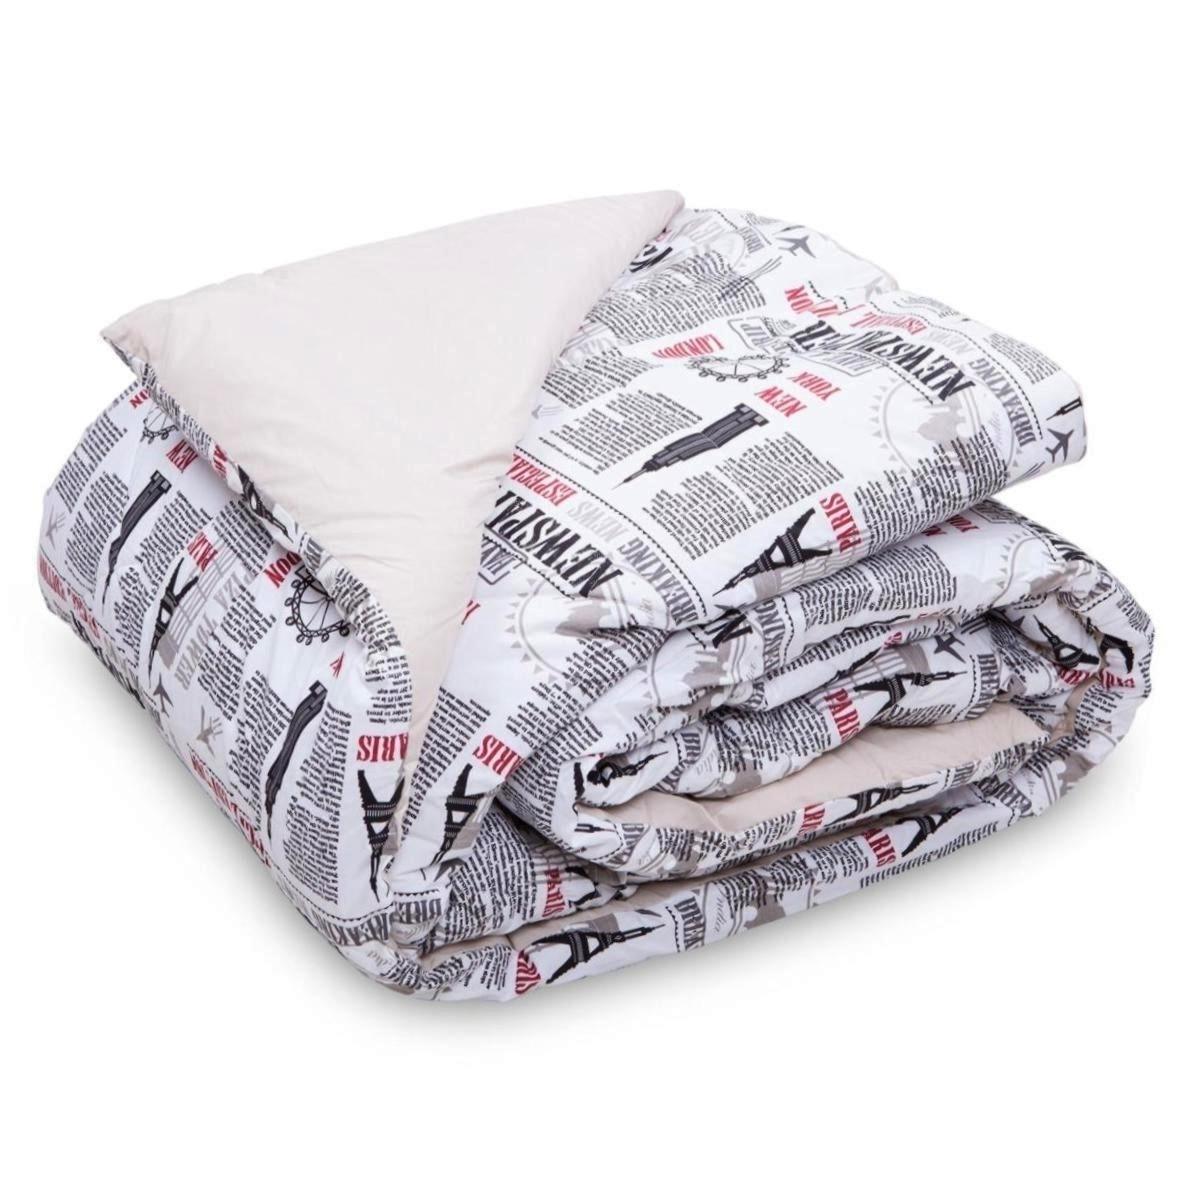 O edredom padrão solteiro em algodão, com enchimento em poliéster, tem estampa inspirada nos jornais e em pontos turísticos famosos. A peça pode ser adquirida na Havan (www.havan.com.br) | Consulte o fornecedor para outras informações